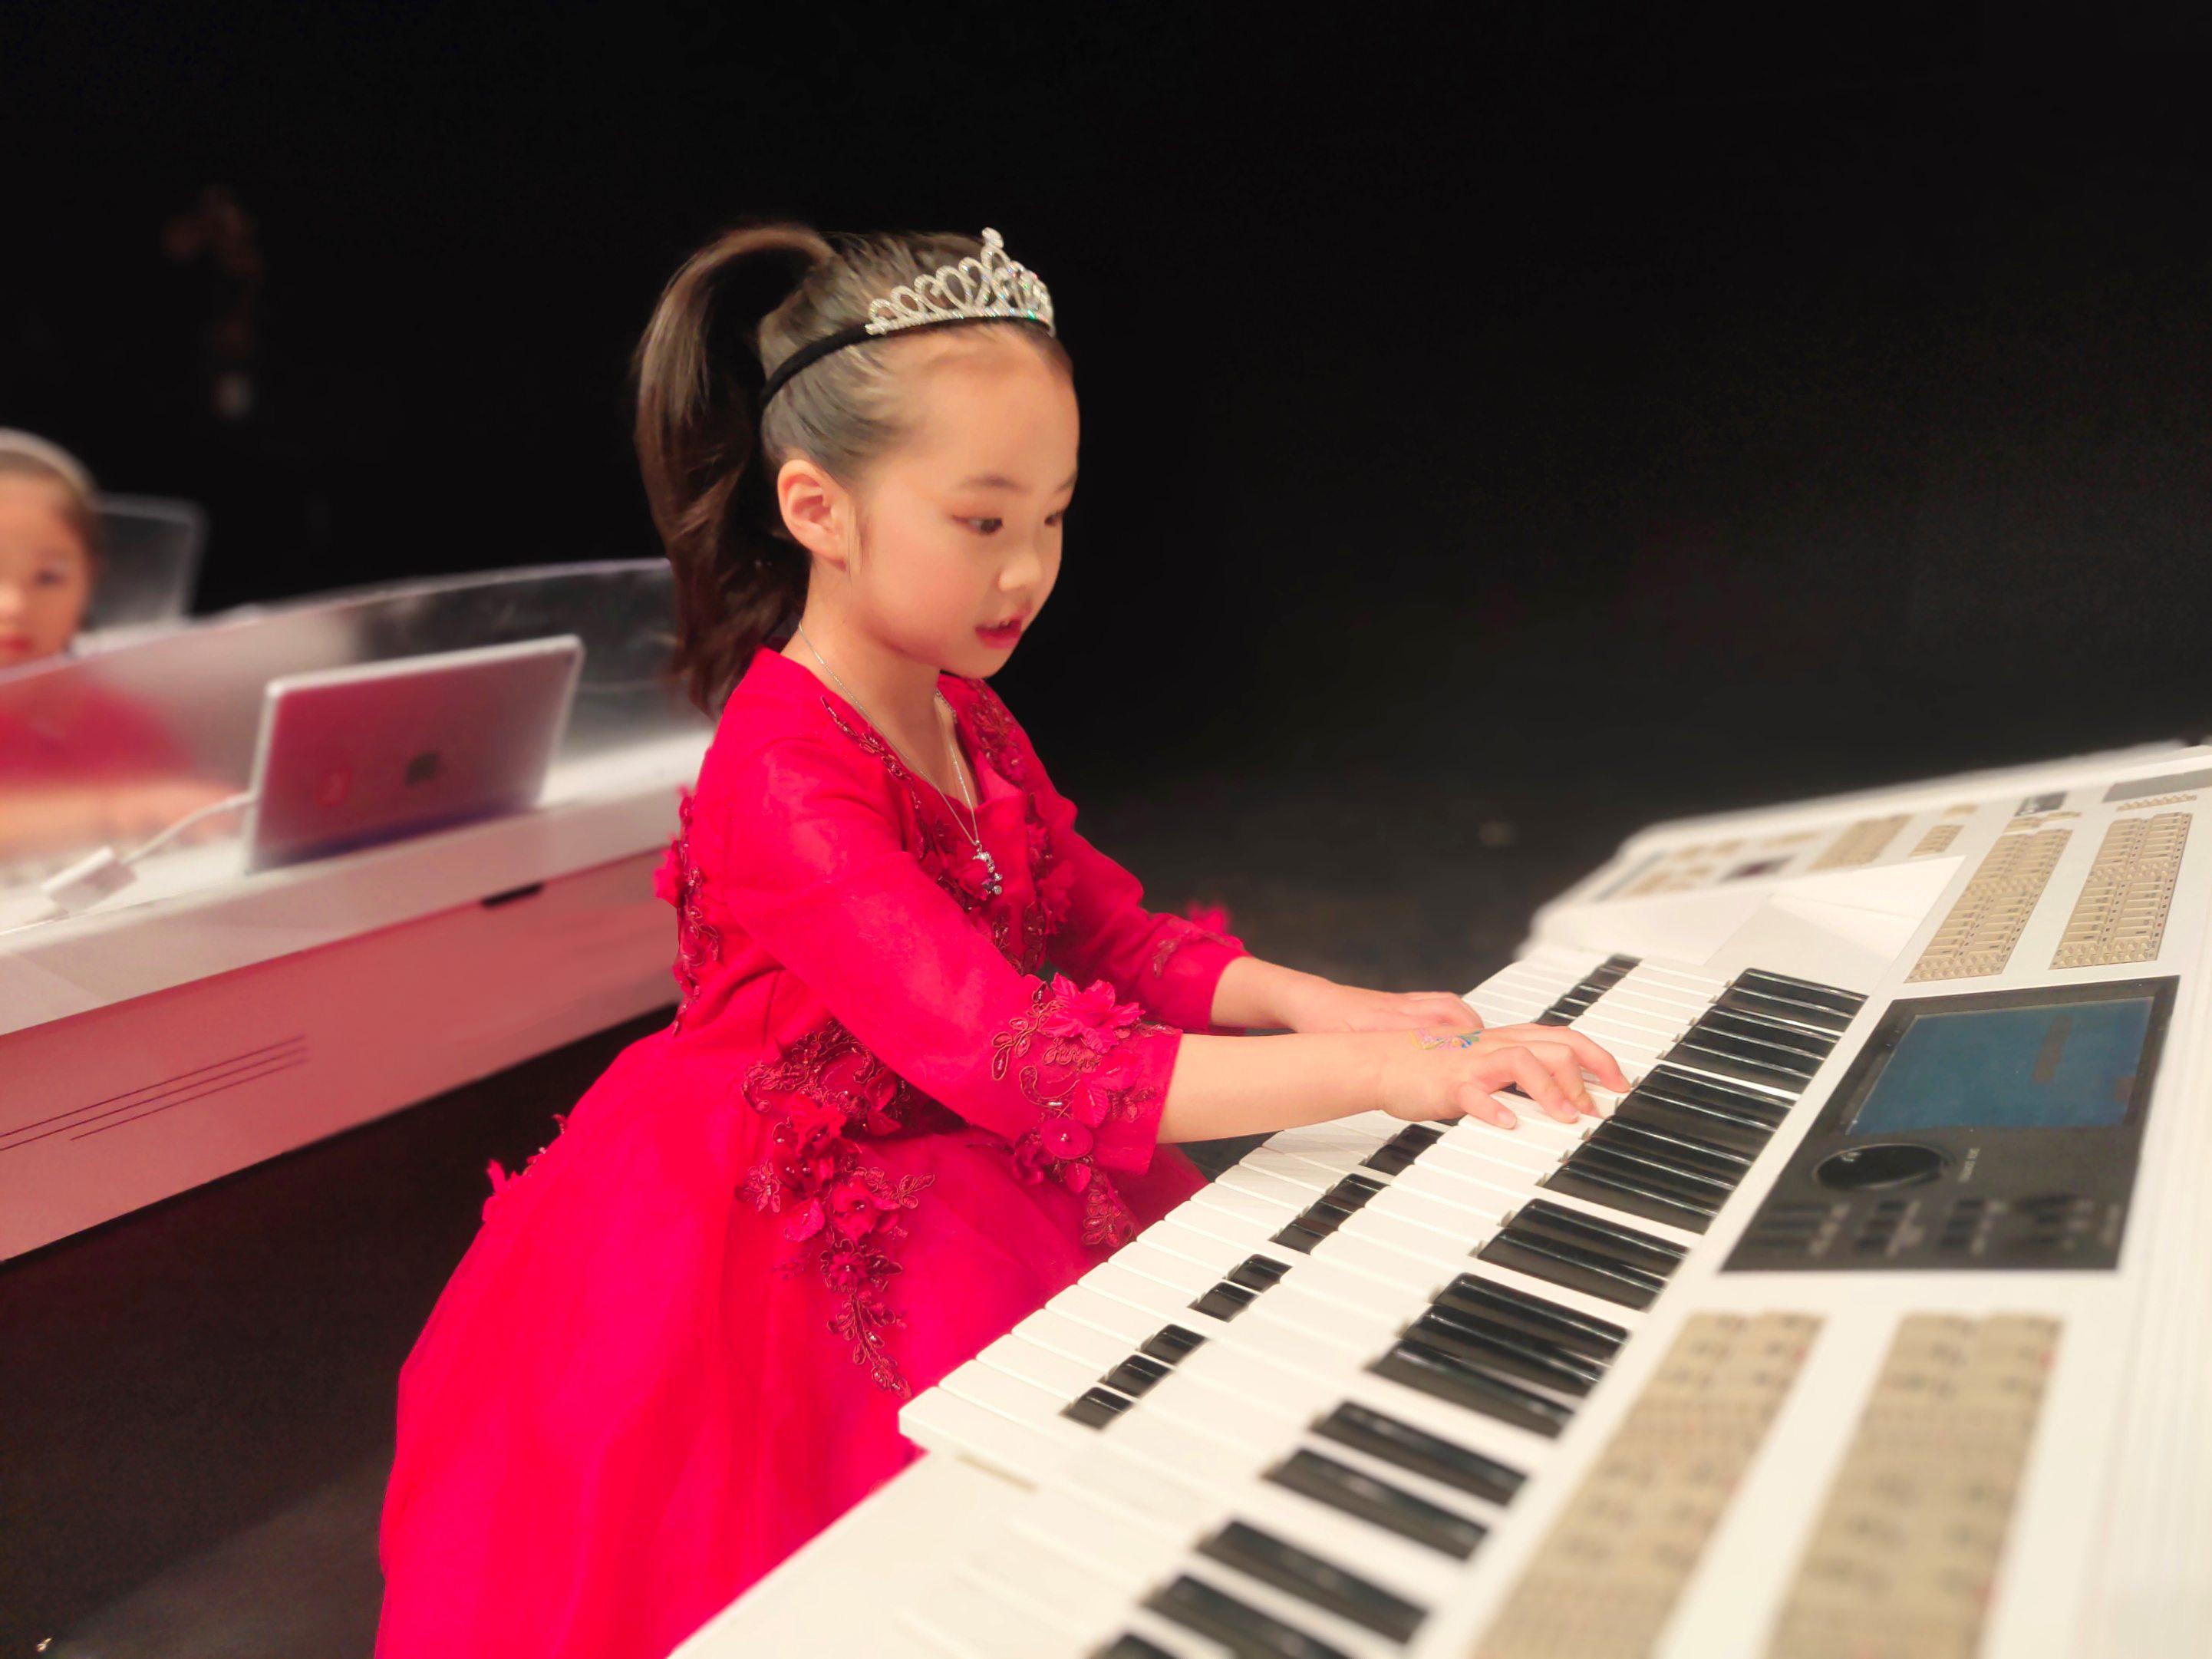 练琴时如何把握好弹琴的节奏?